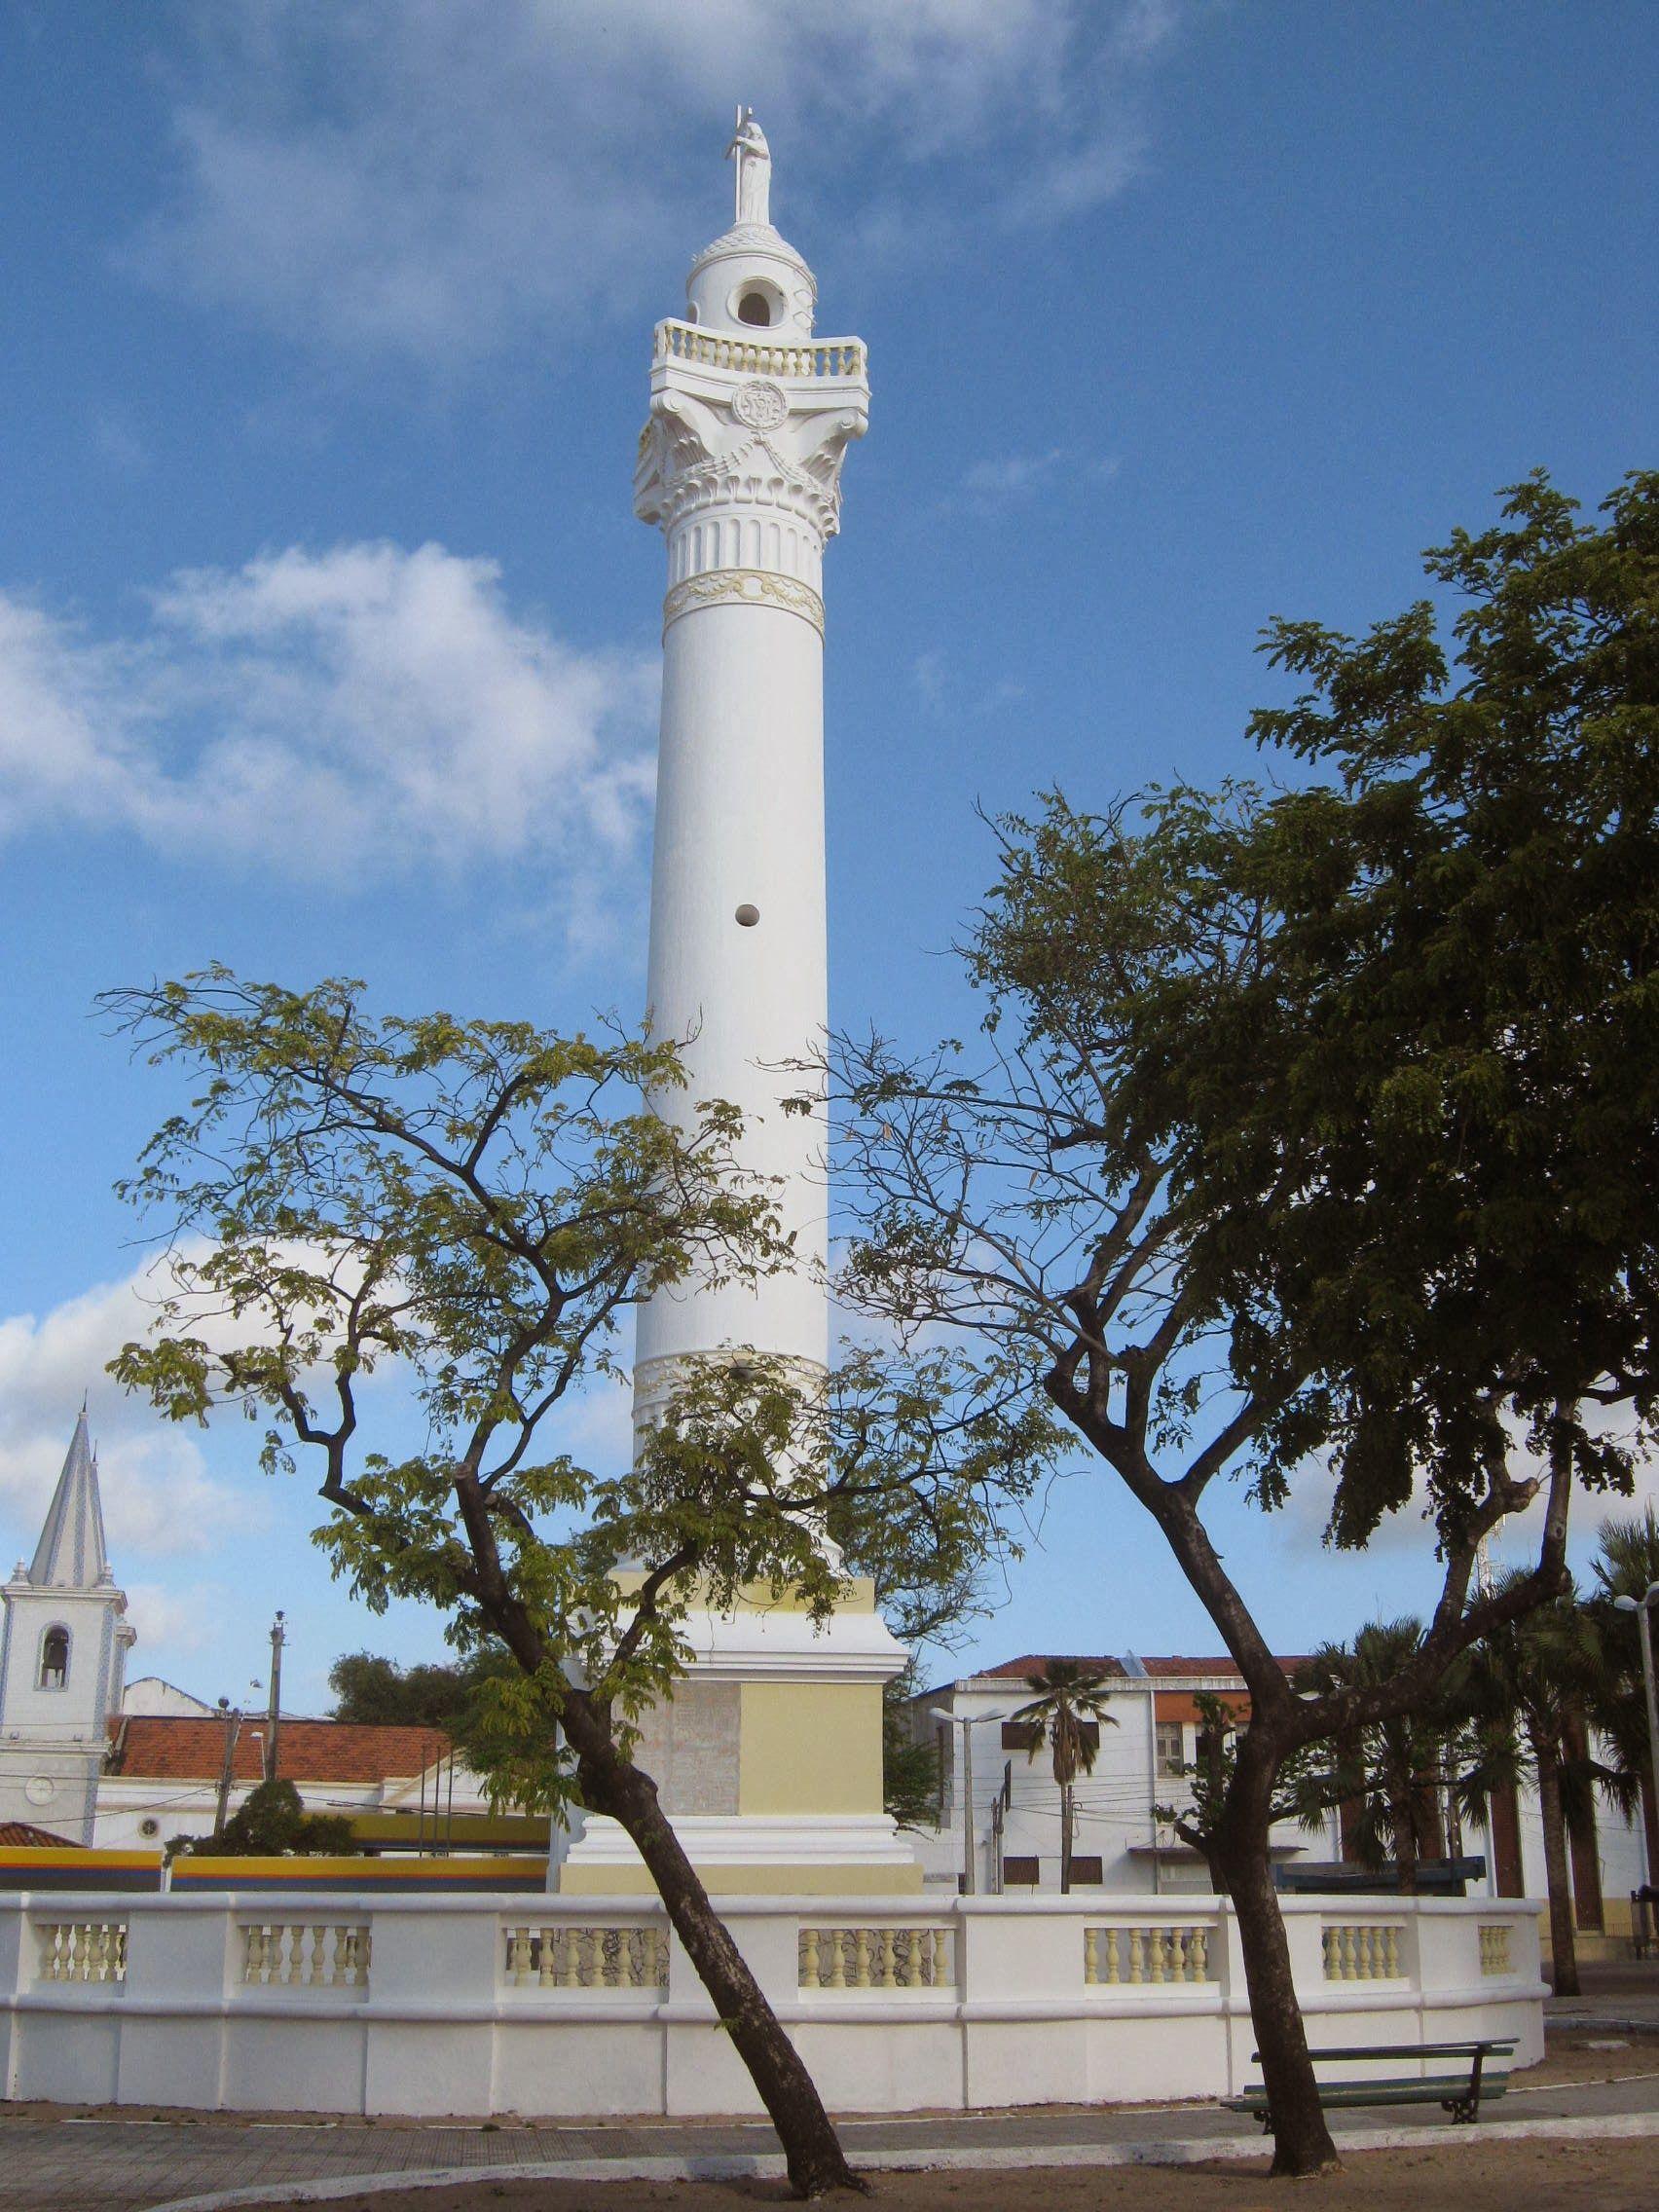 Vista da torre com o Cristo Redentor na Praça de mesmo nome em Fortaleza.